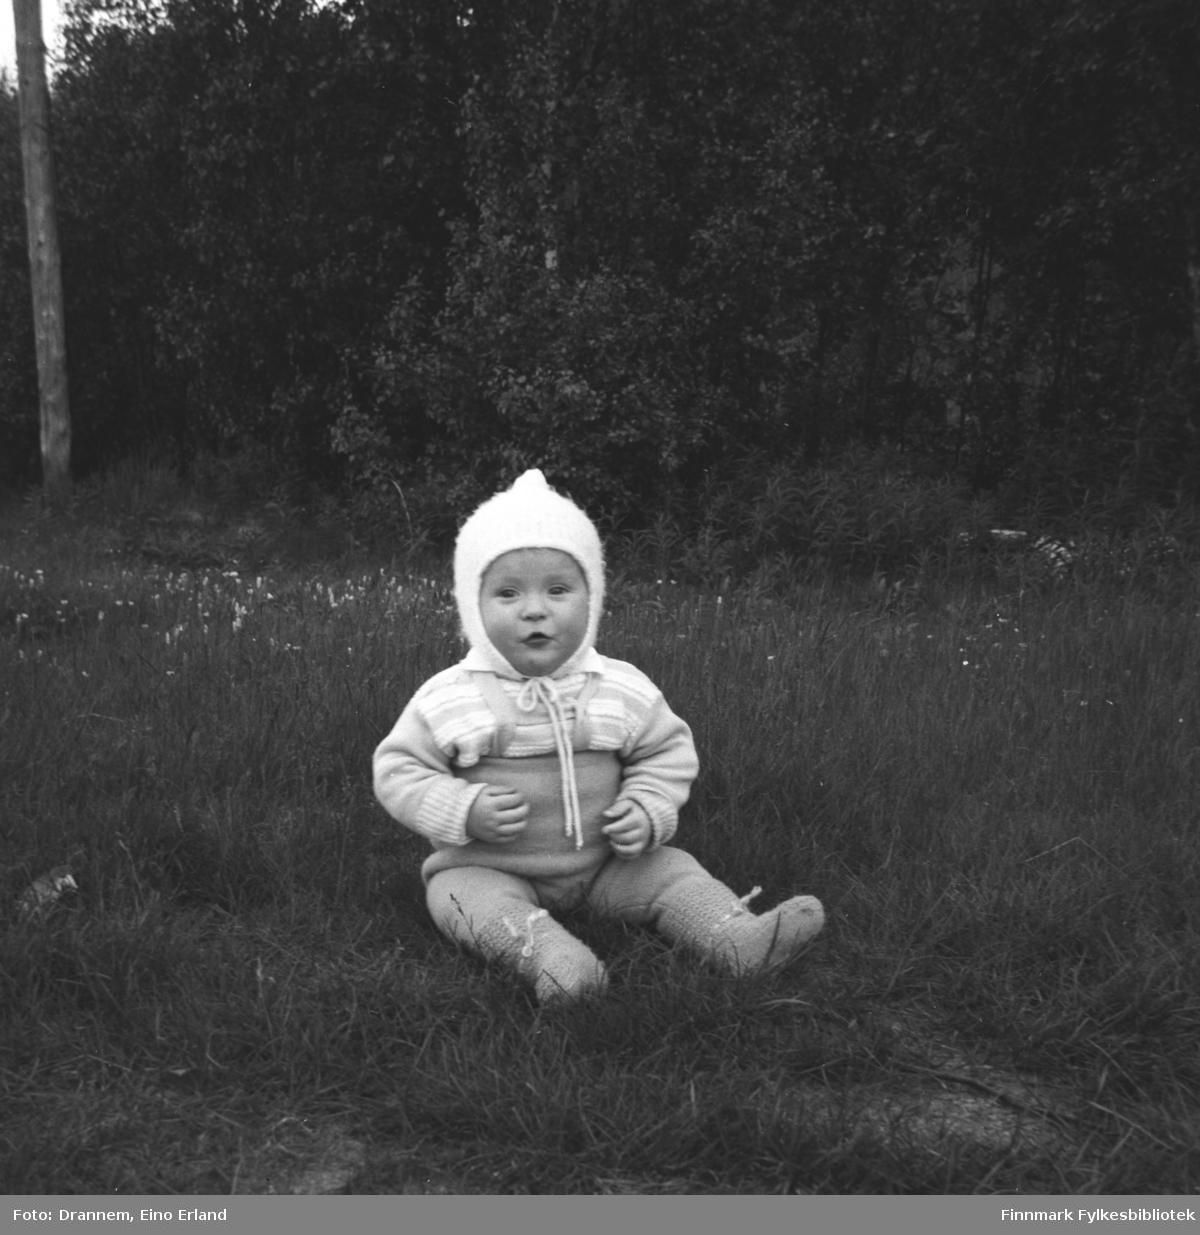 Bilde av et litet barn, antakelig Karl Magne Arvola, som sitter i gresset. Bildet er tatt sannsynligvis i Neiden.